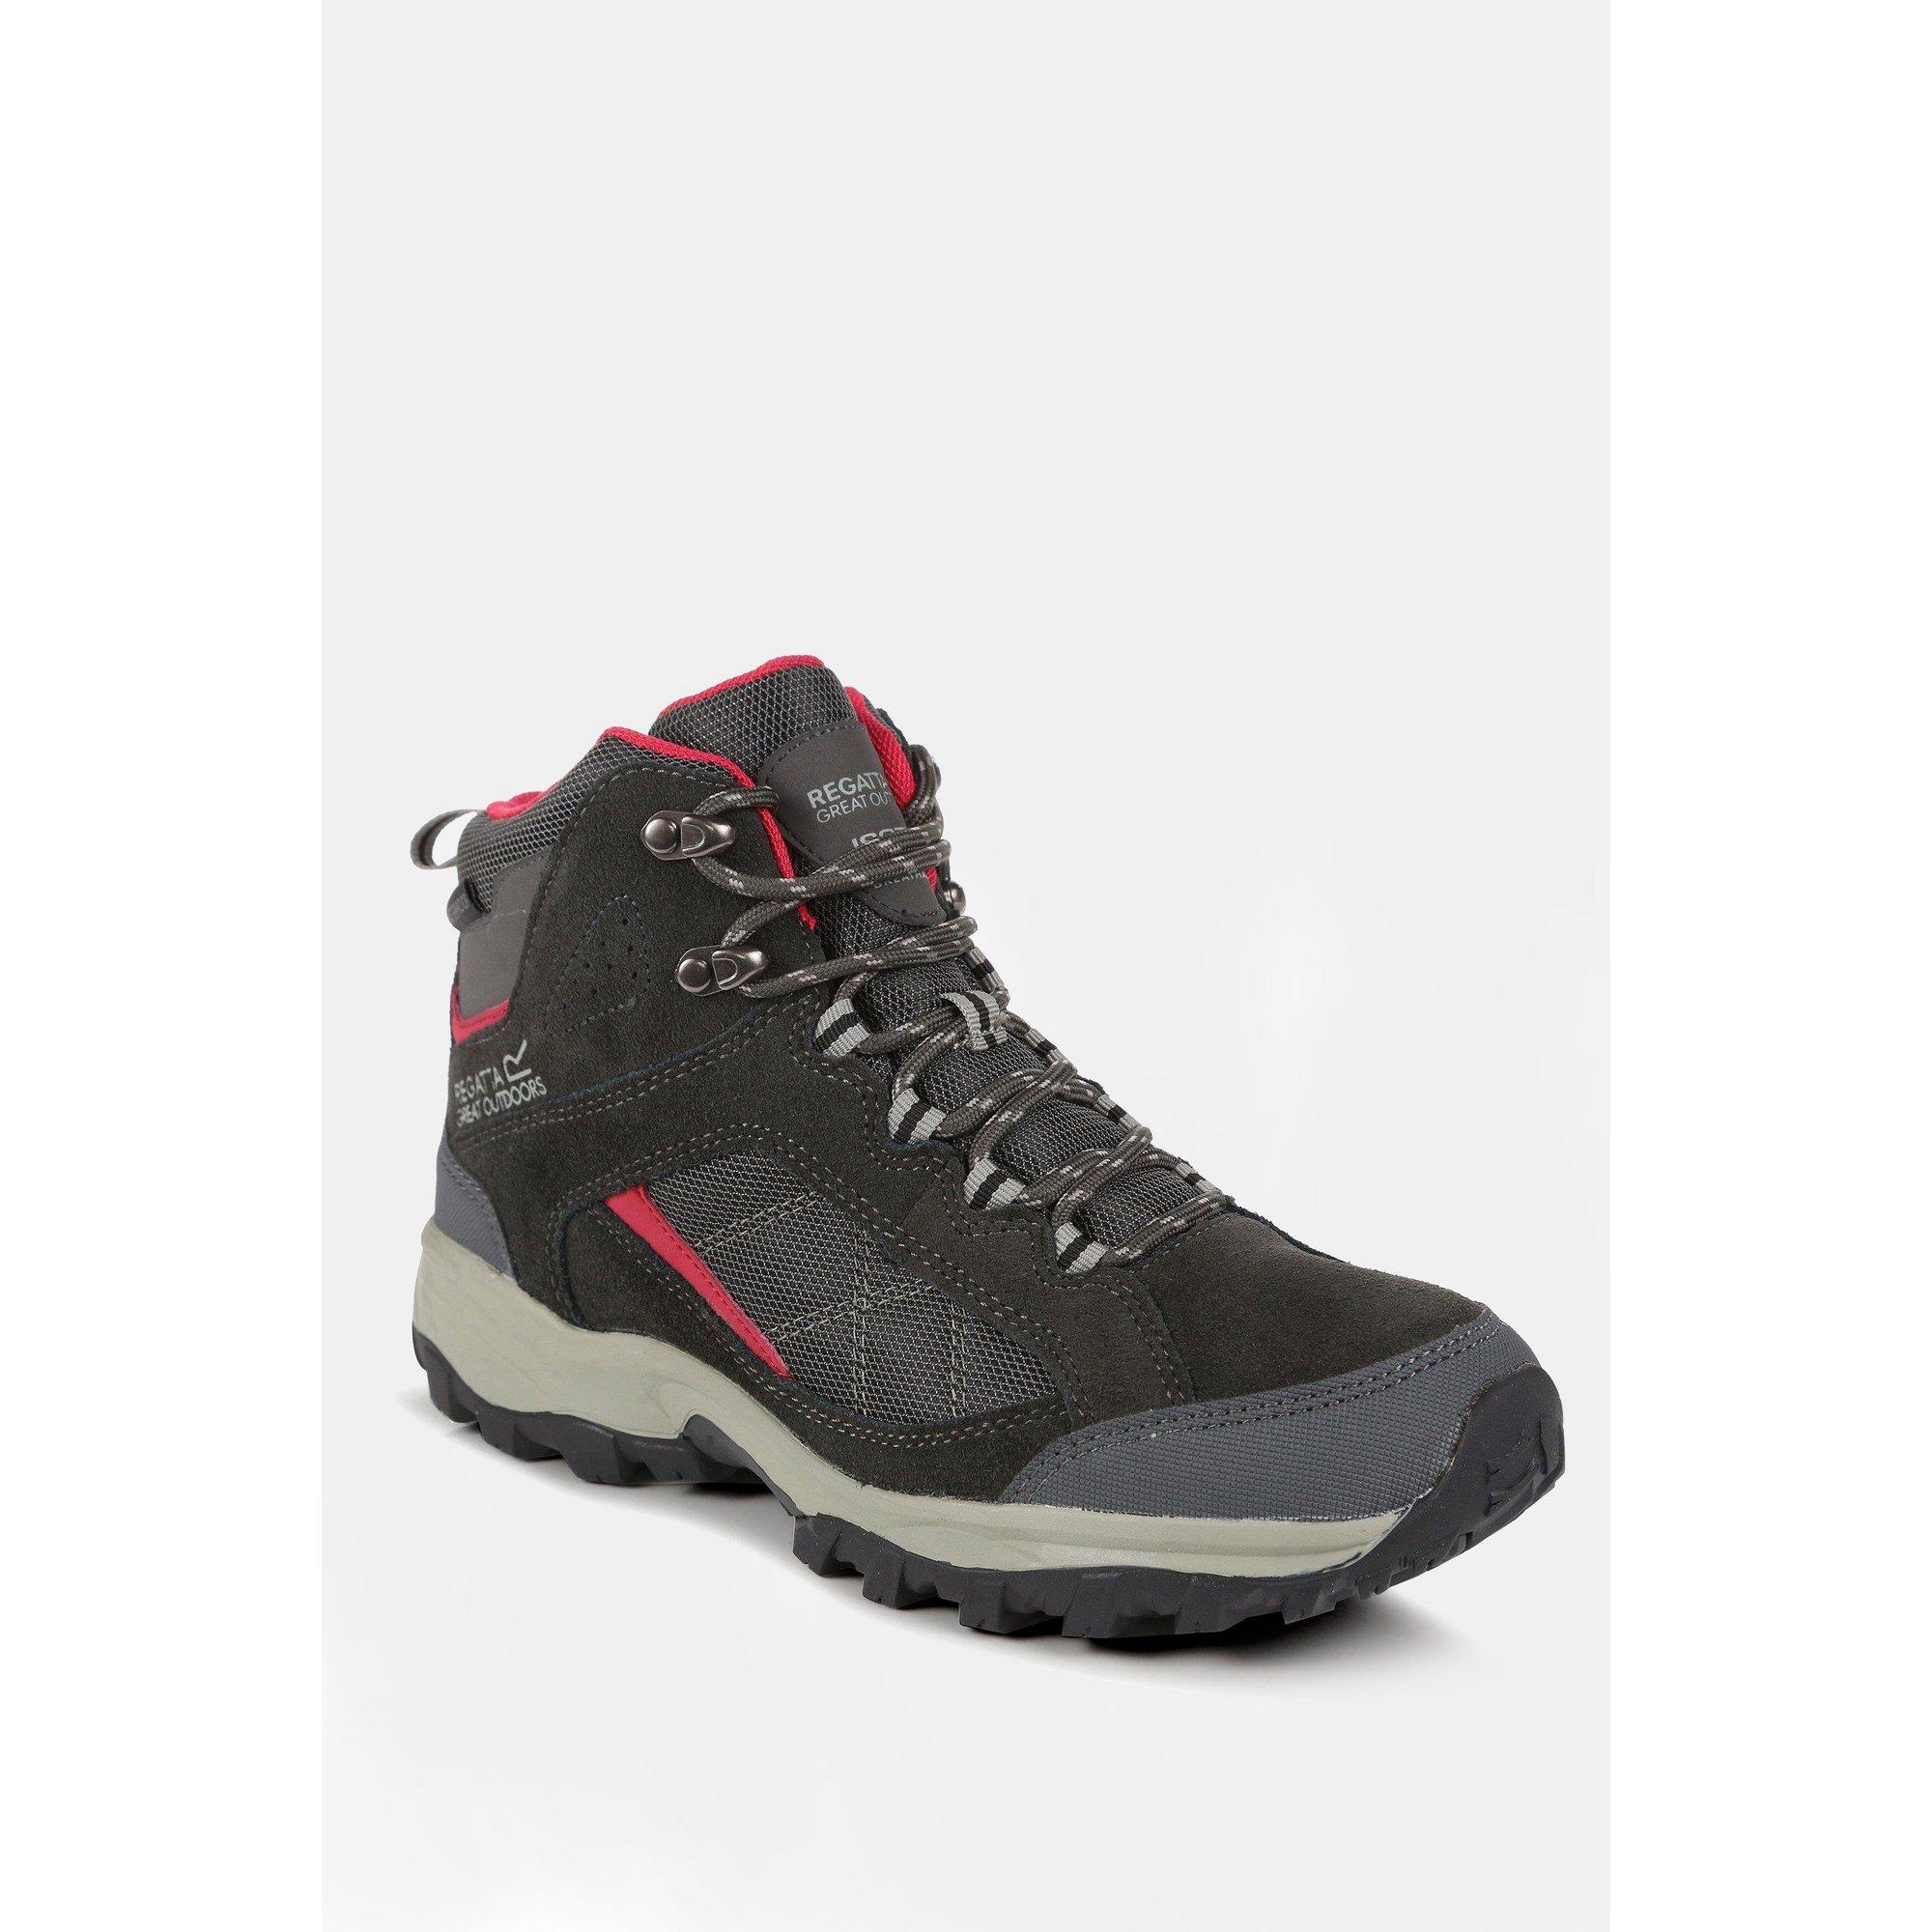 Regatta Lady Clydebank Boots